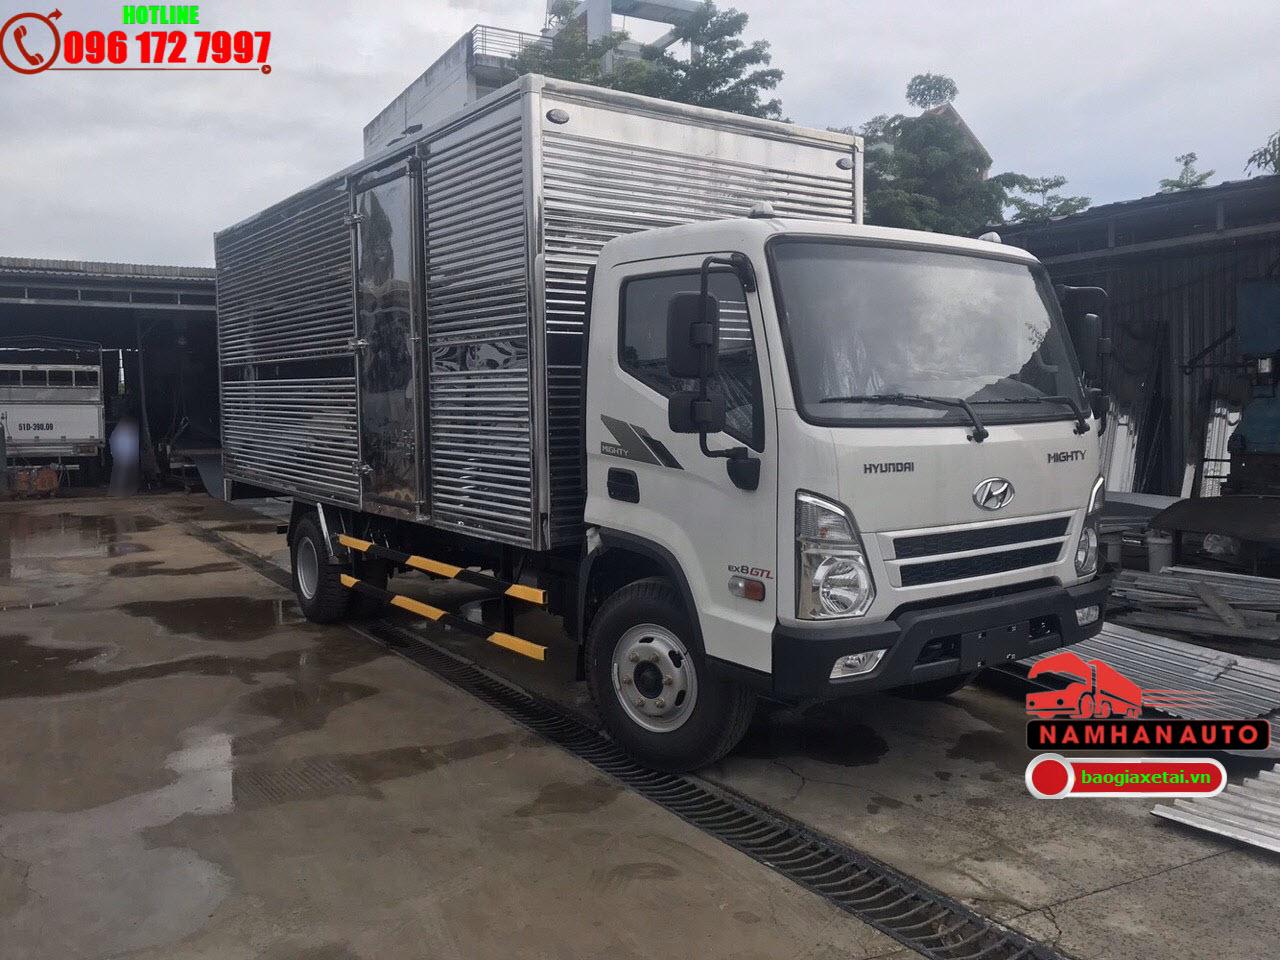 giá xe tải hyundai ex8 gts1